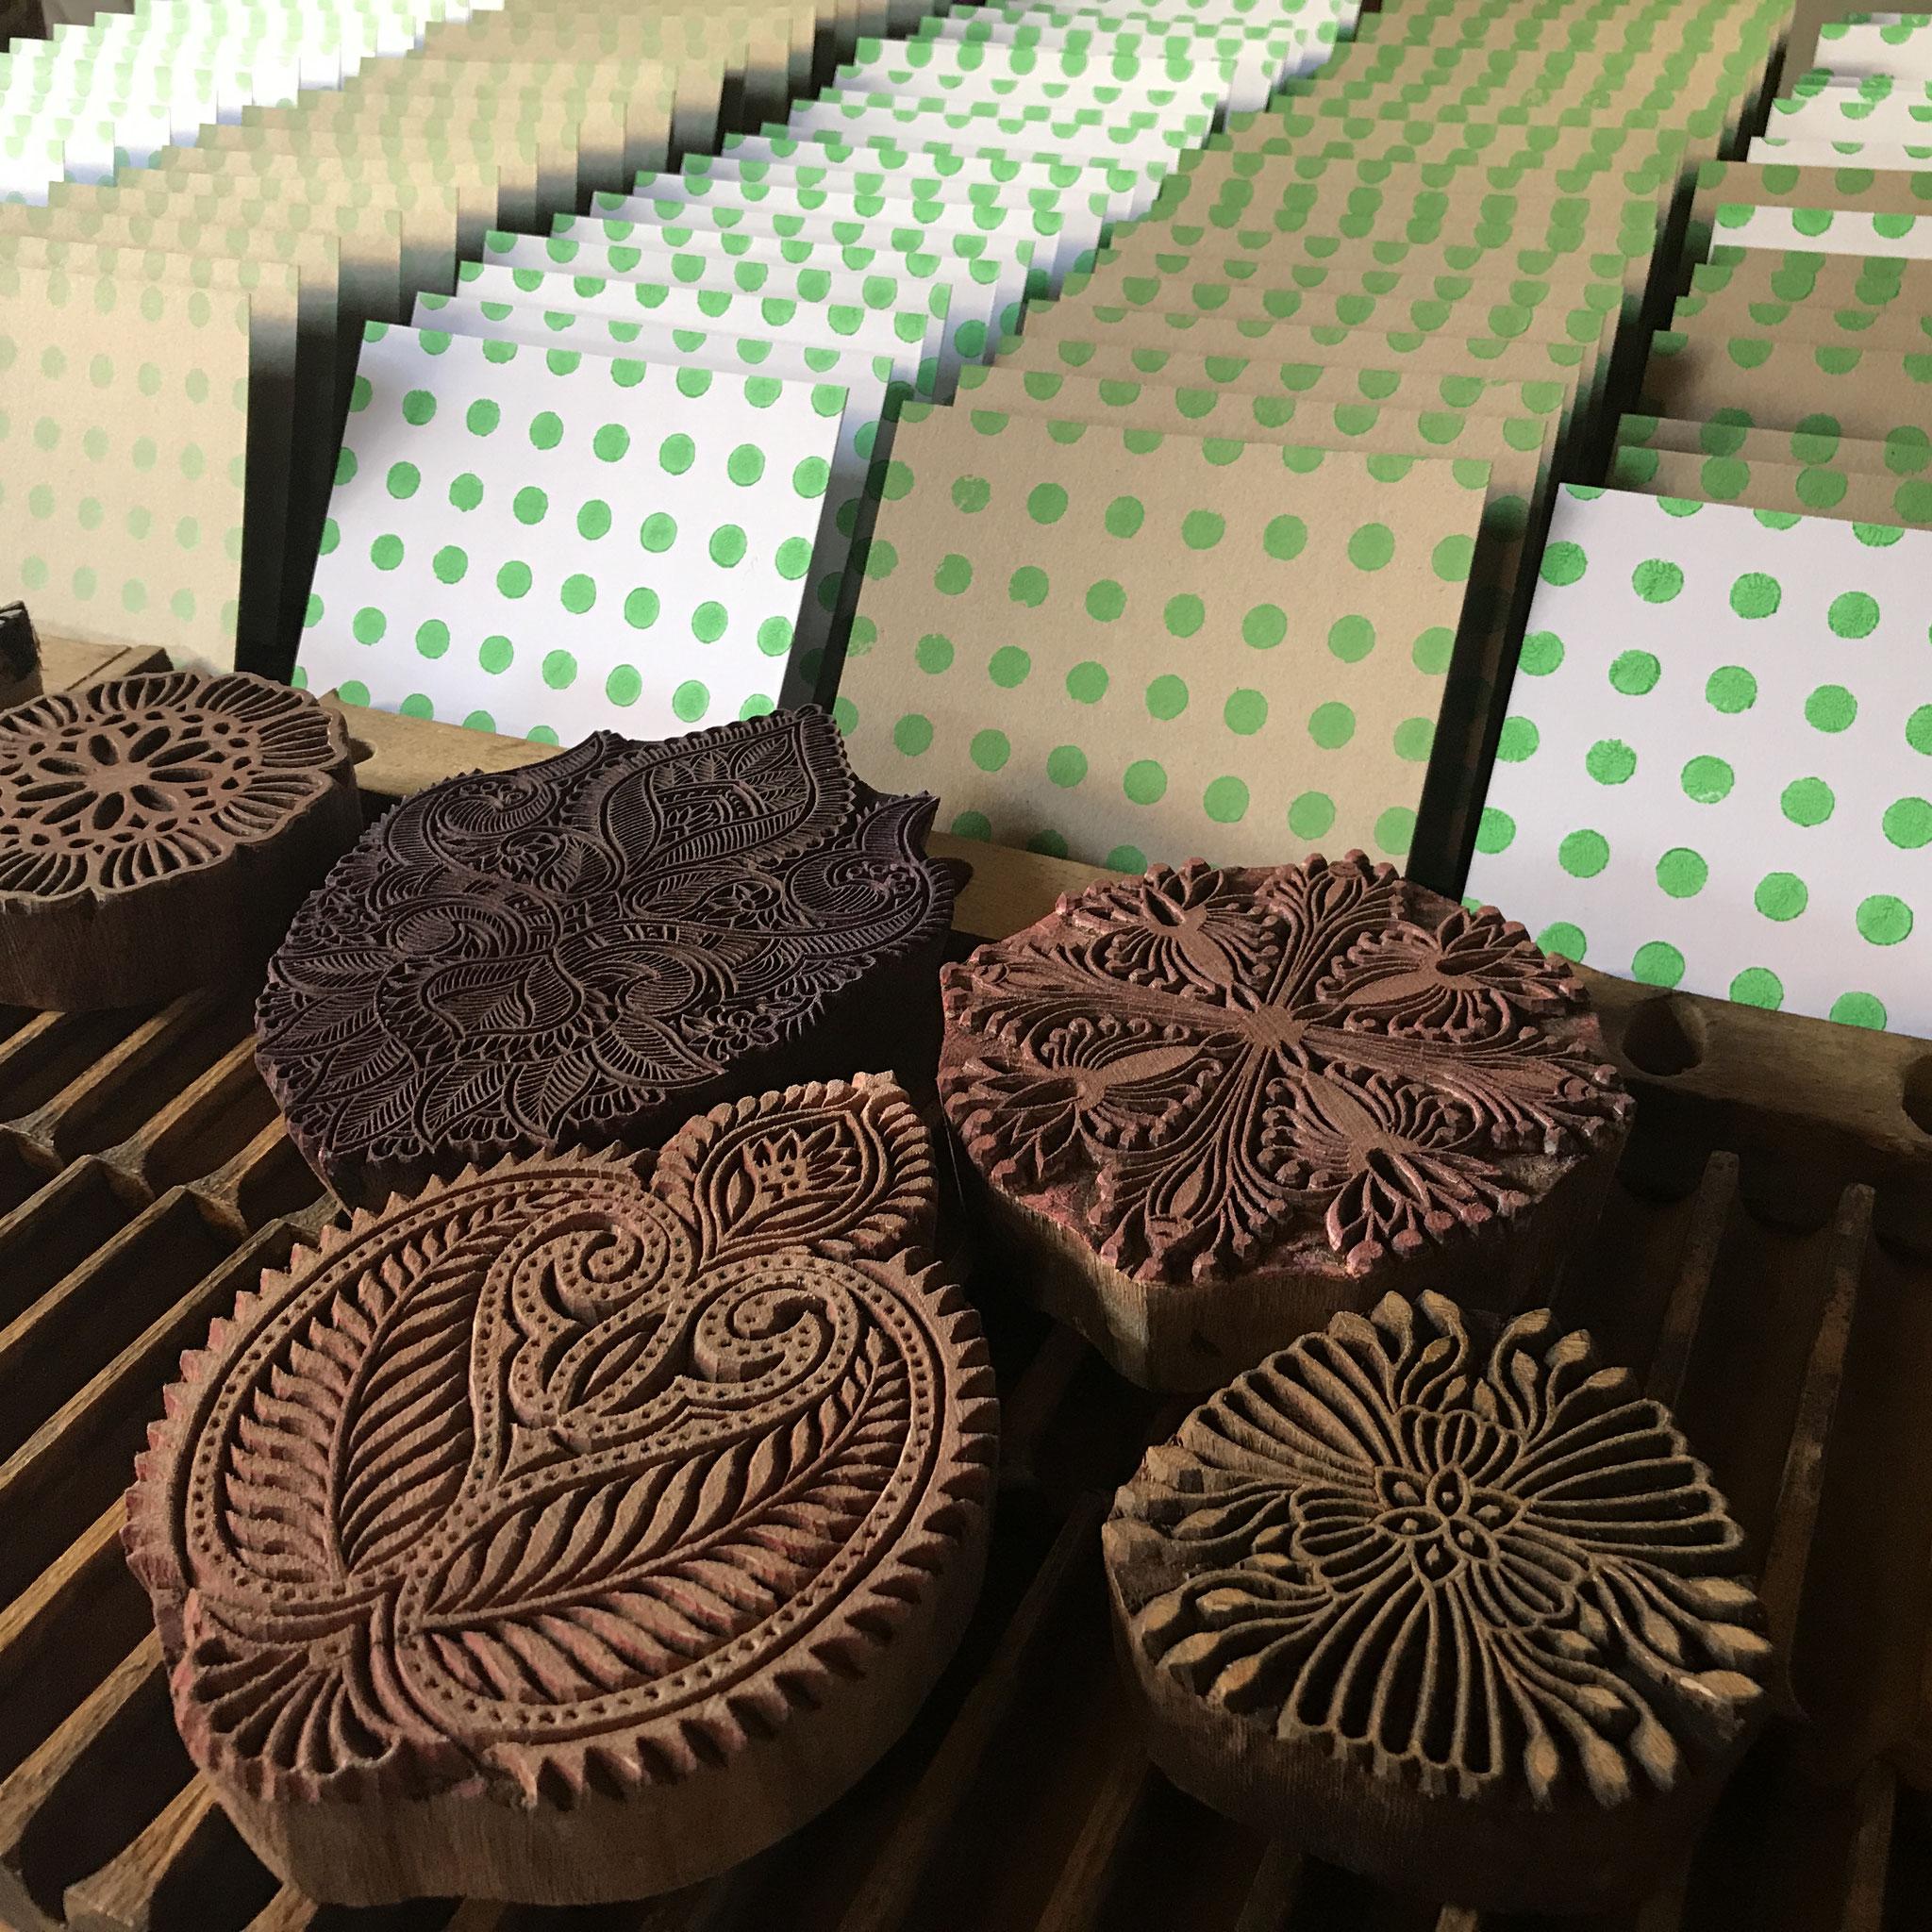 Produktion handbedruckte Postkarten mit indischen Holzstempel. Atelier Wädenswil